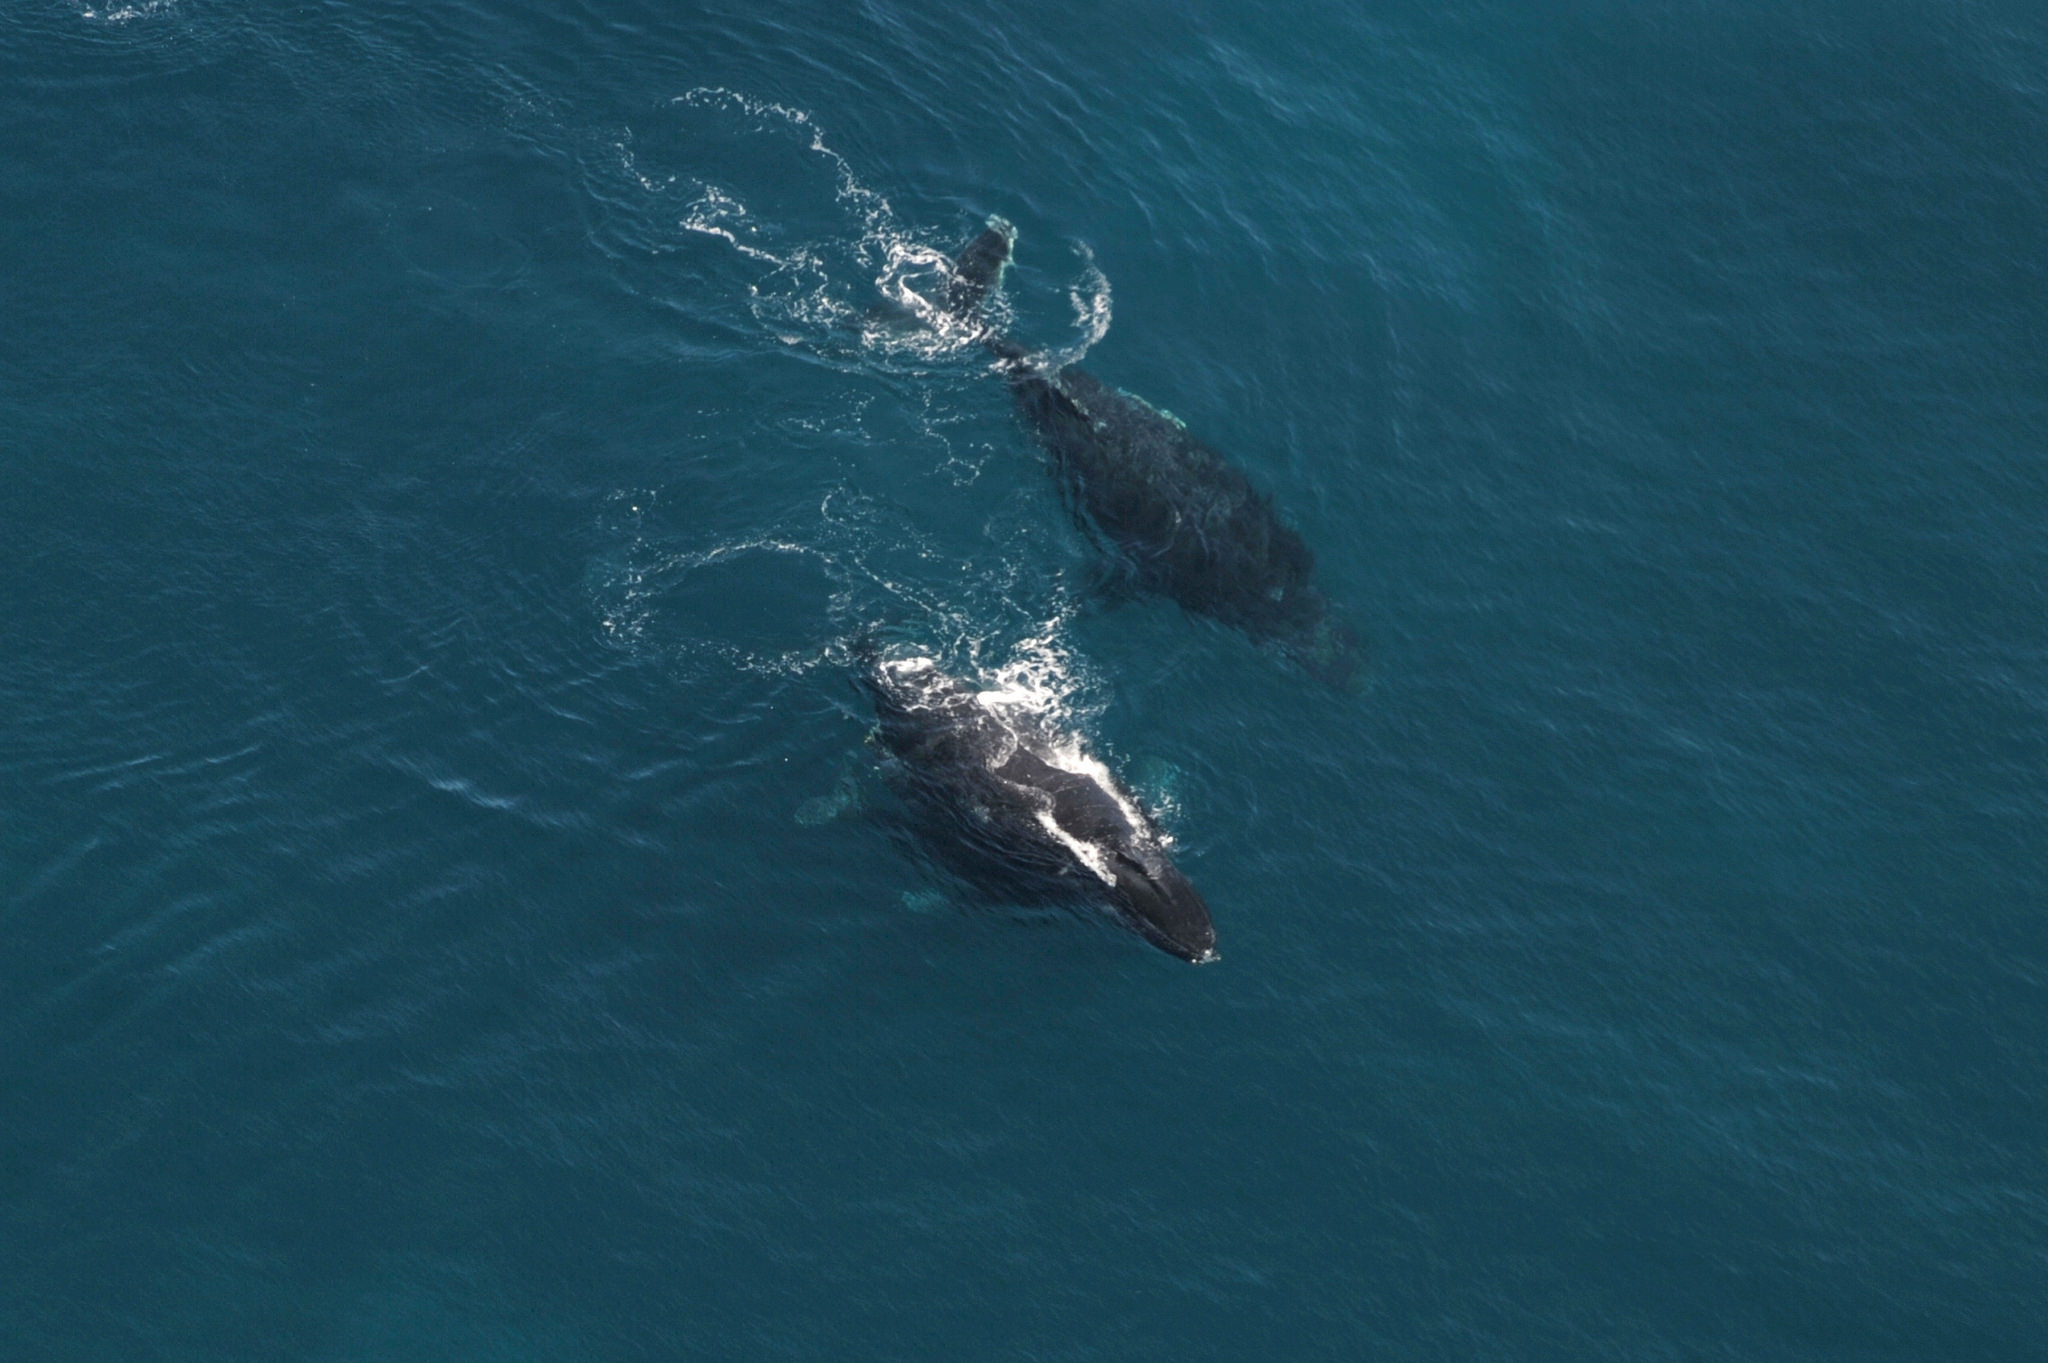 observation baleine a bosse madagascar